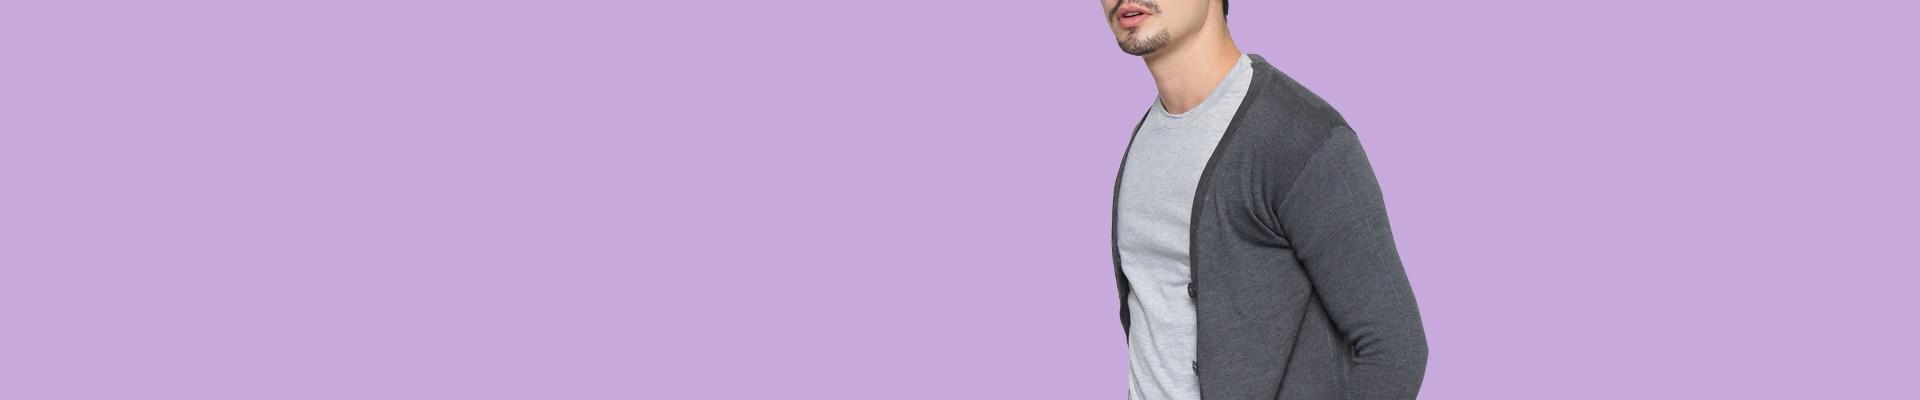 Jual Cardigan Pria - Beli Cardigan Pria Online Terbaru